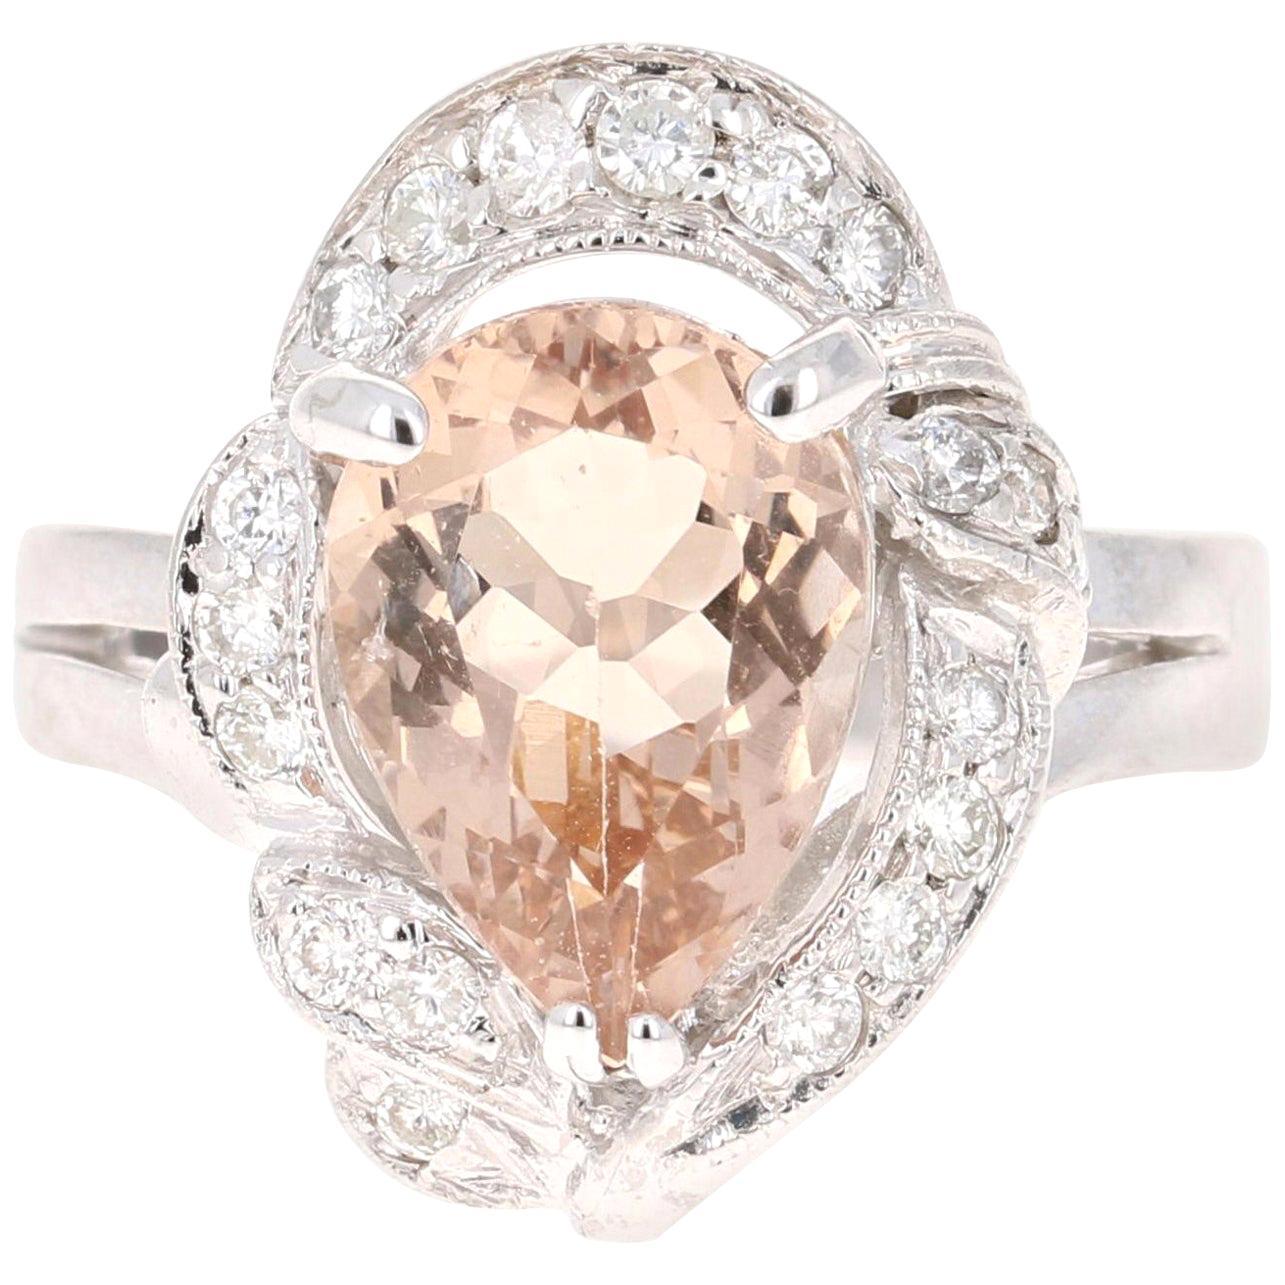 2.95 Carat Morganite Diamond 14 Karat White Gold Cocktail Ring